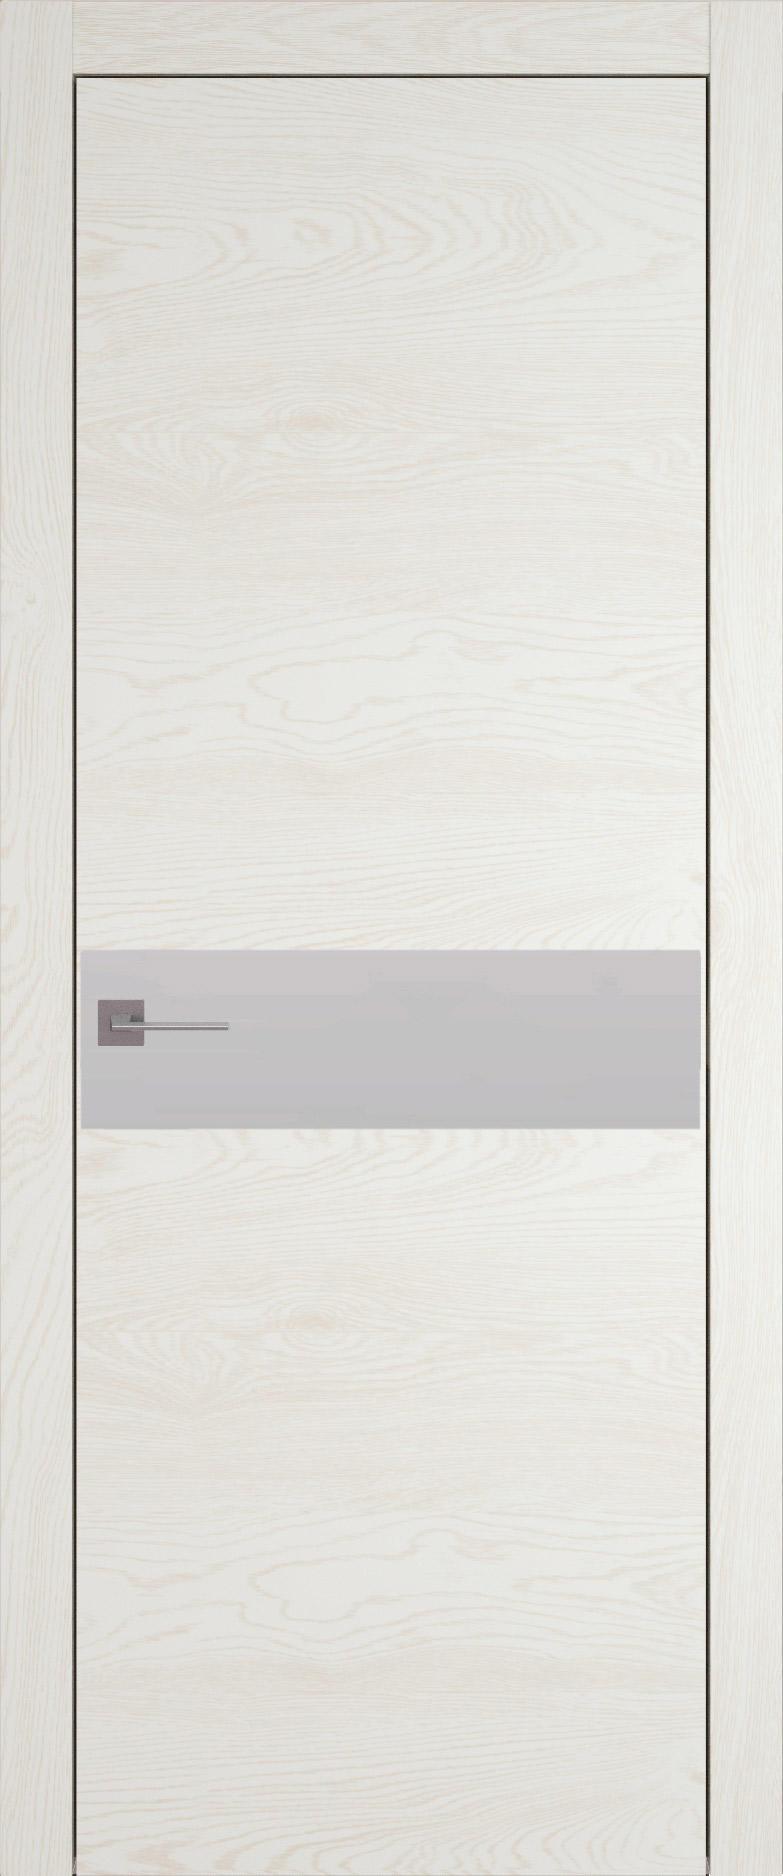 Tivoli И-4 цвет - Белый ясень (nano-flex) Без стекла (ДГ)